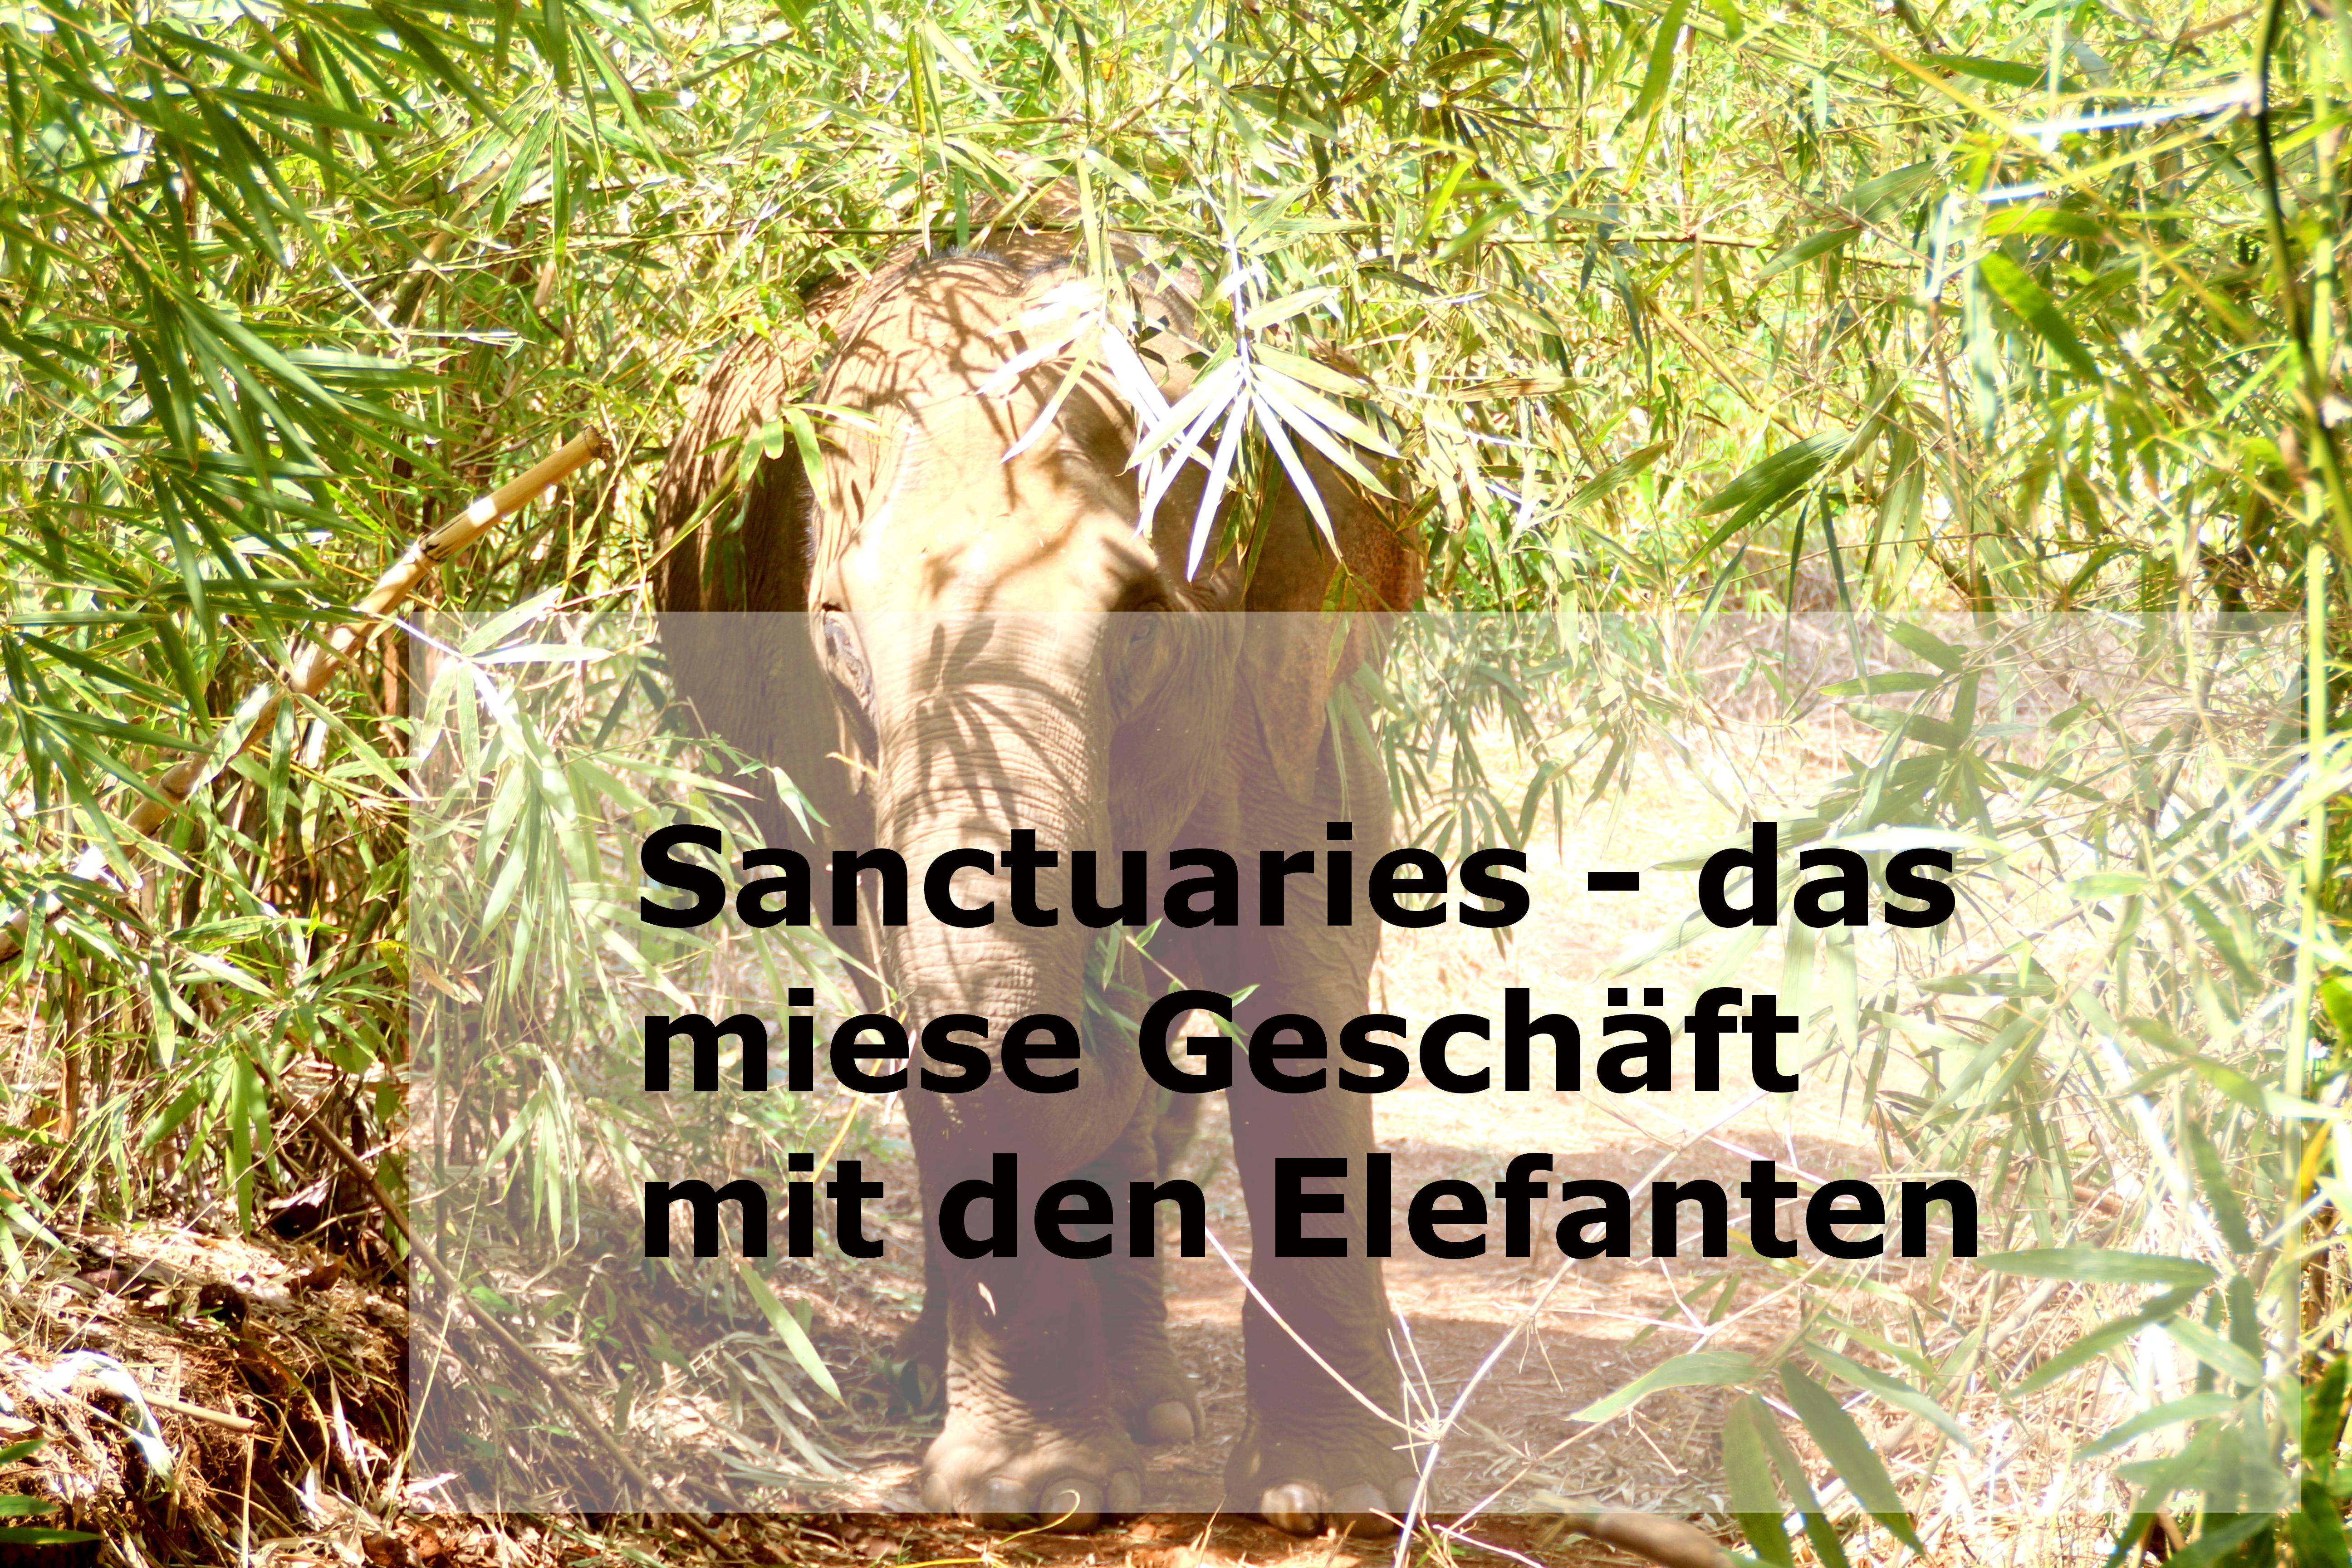 Sanctuaries – das miese Geschäft mit den Elefanten